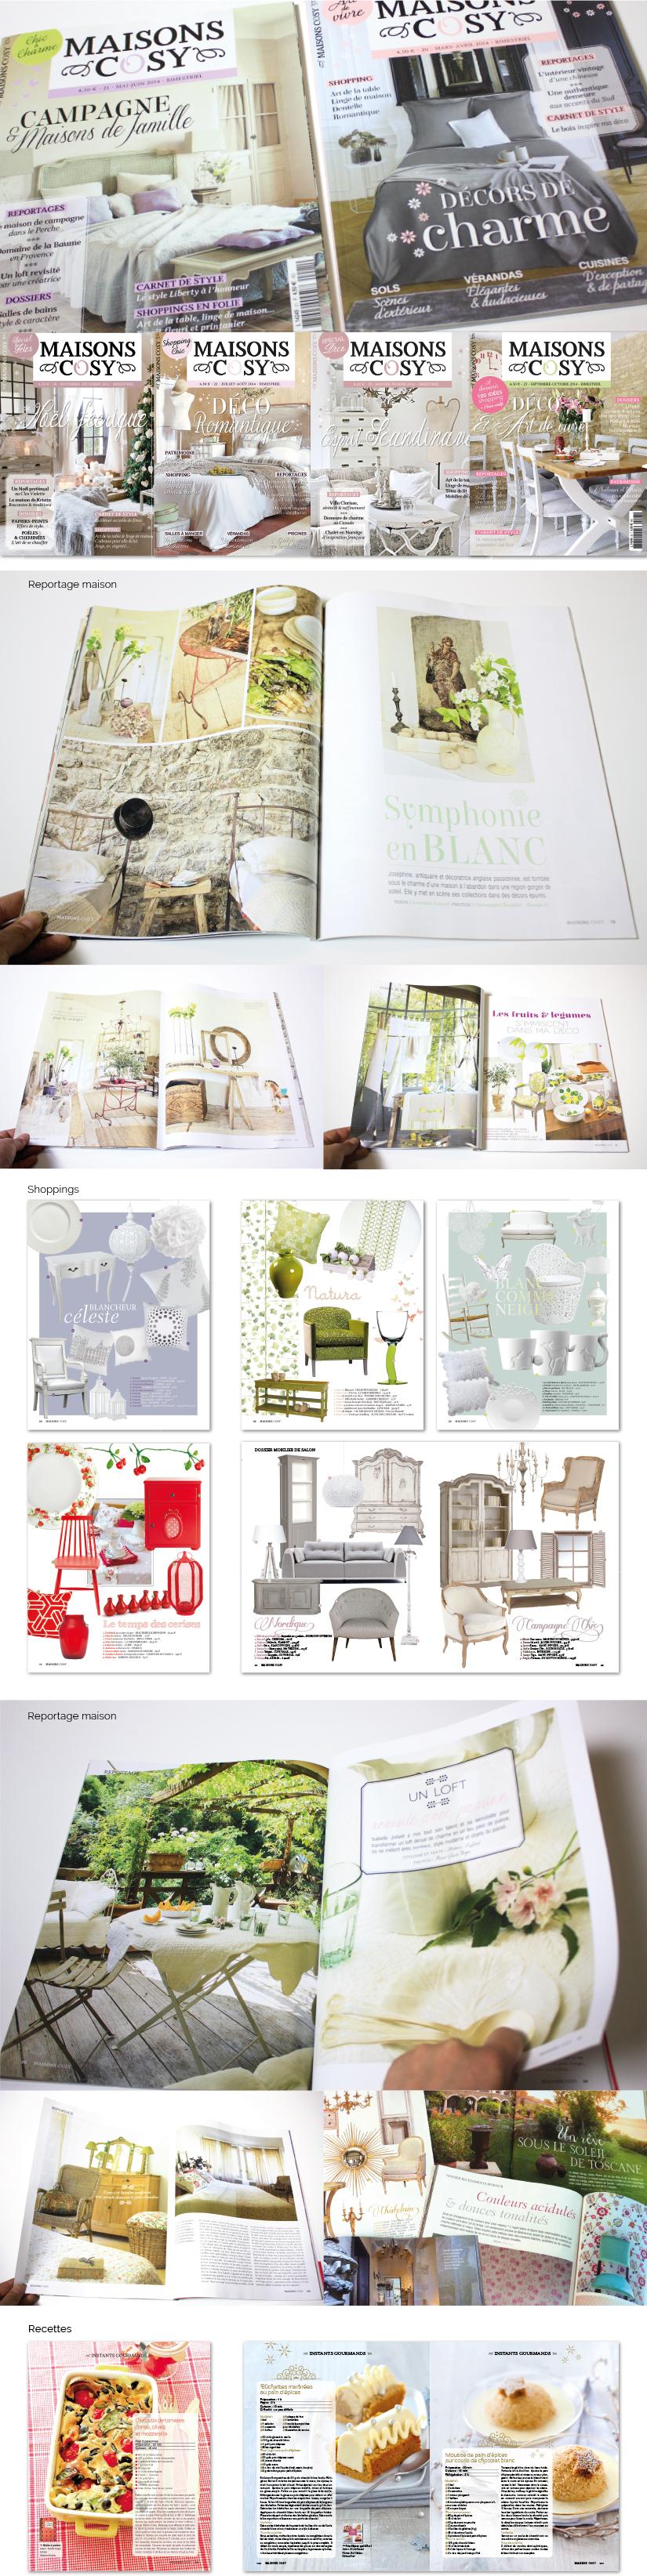 DA mise en page magazine kiosque décoration design intérieur